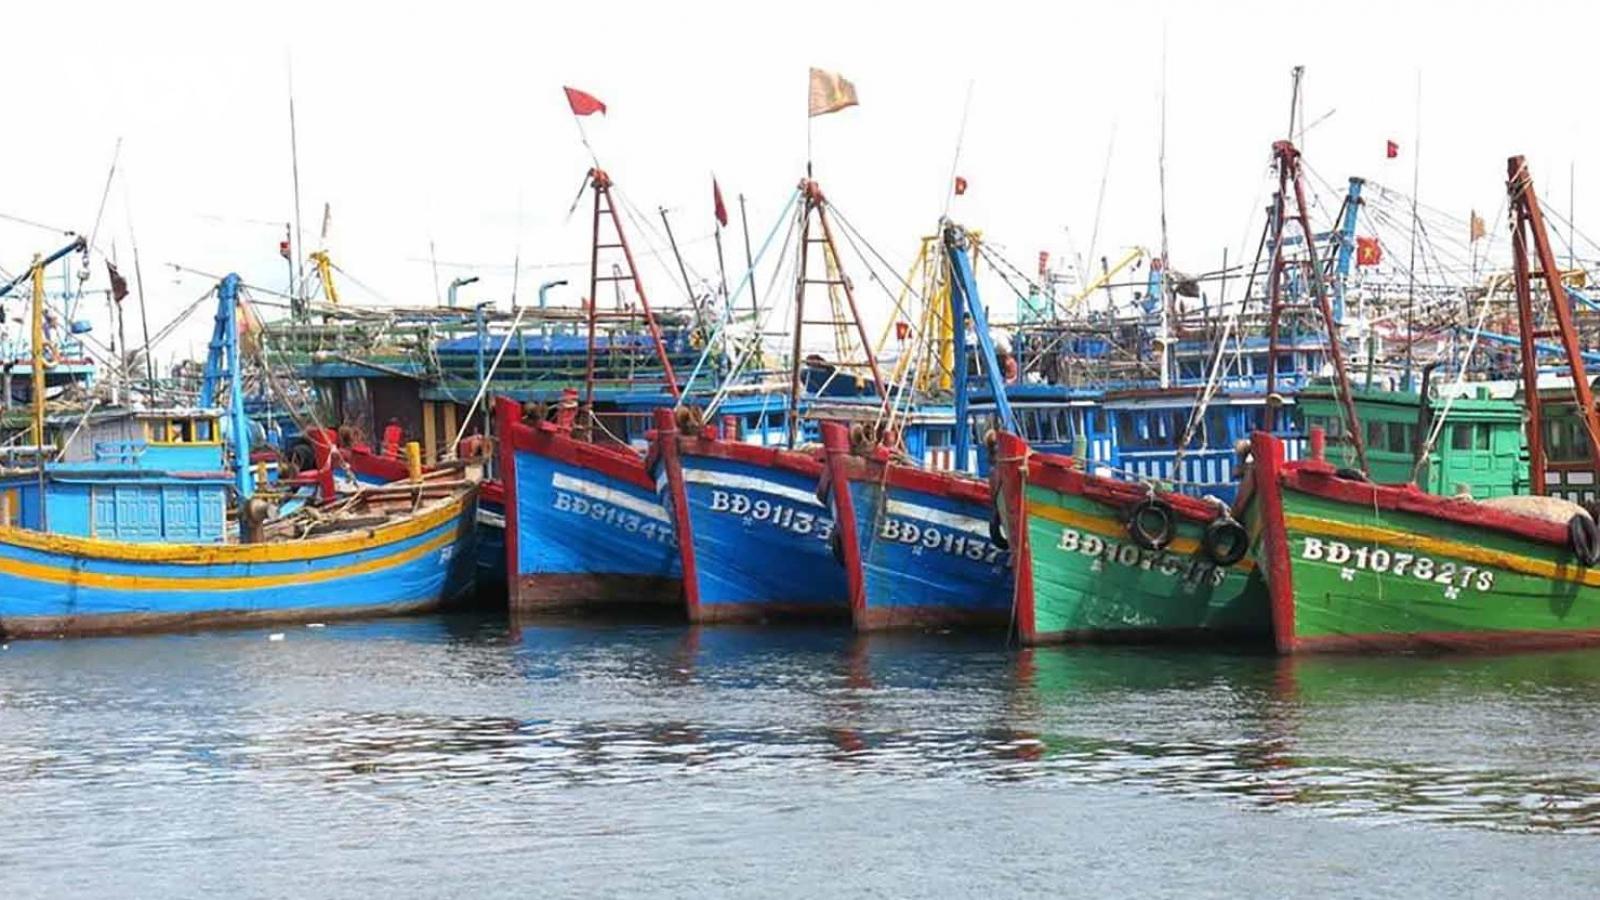 4 ngư dân cùng tàu cá mất liên lạc trên biển tại Bình Định